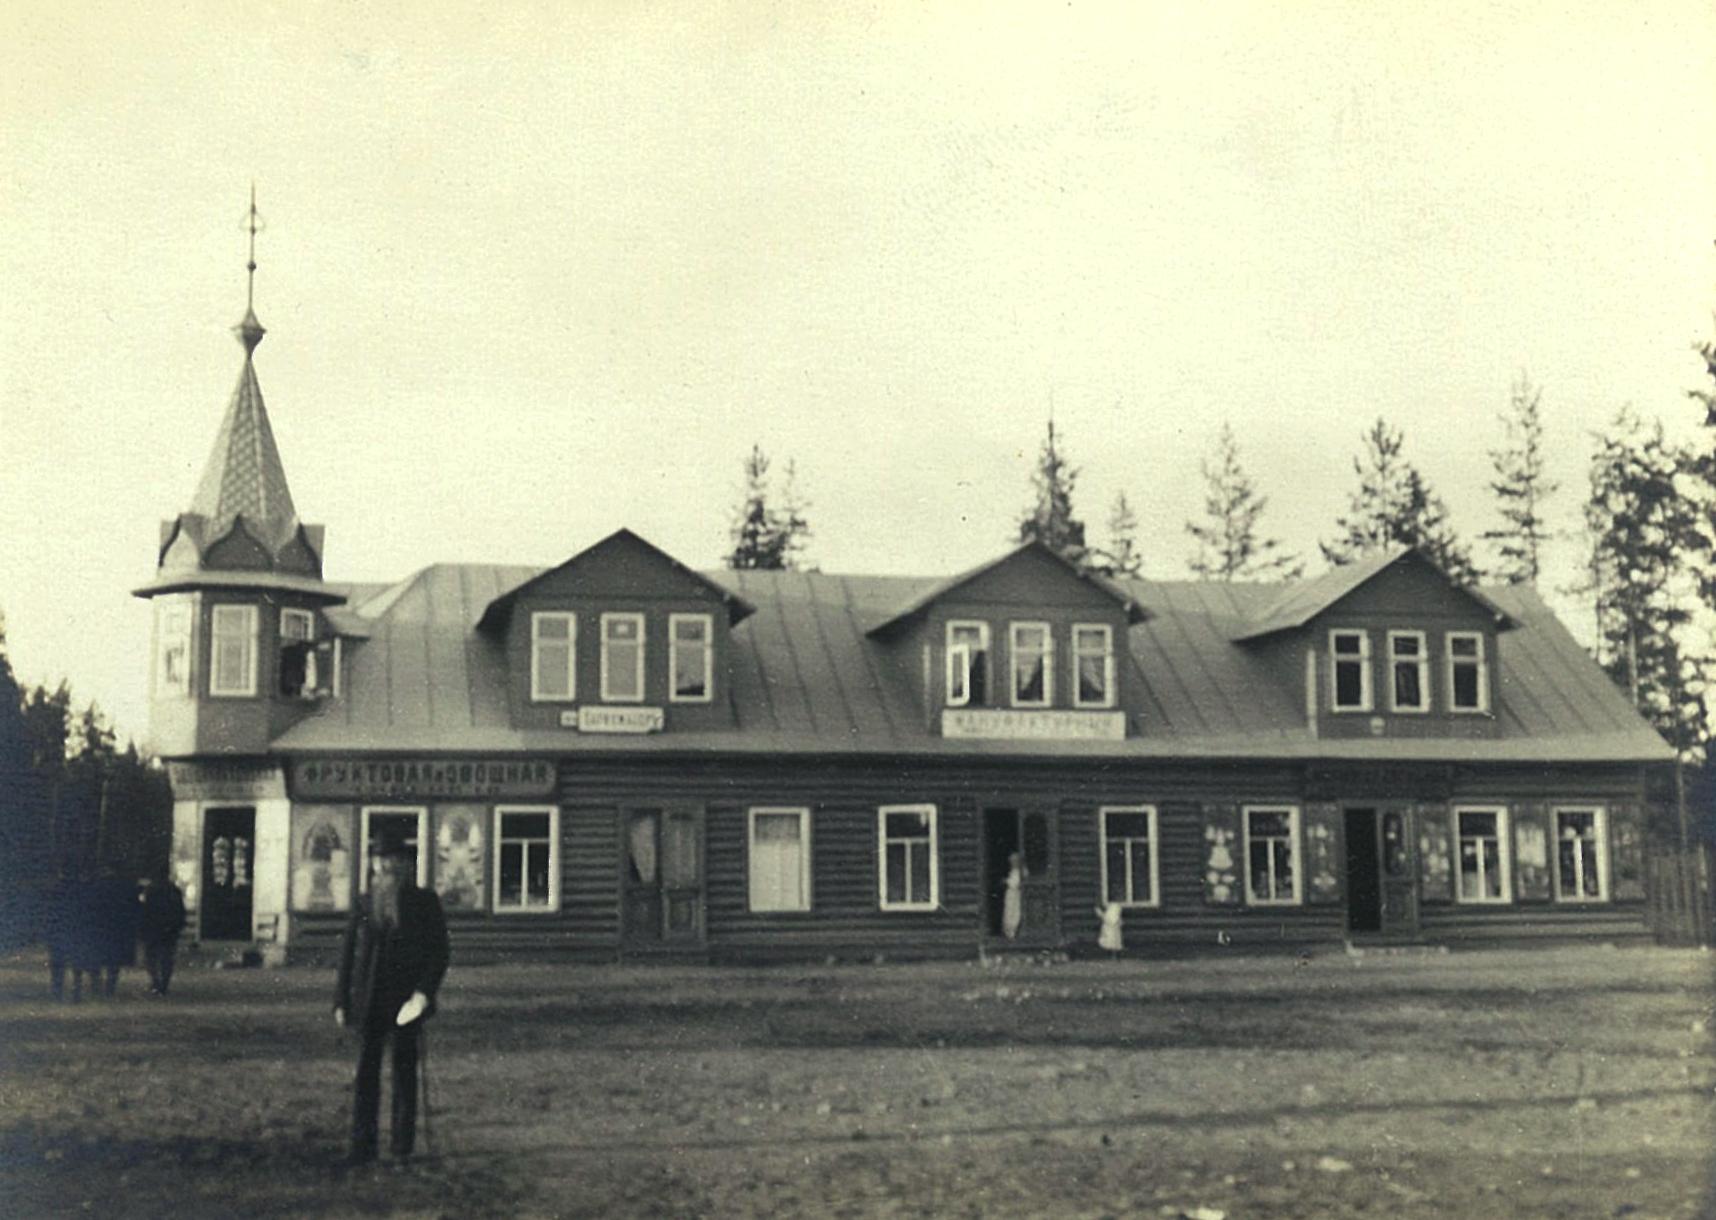 Деревянное торговое здание с шатровой башенкой (фруктовая, овощная торговля и пр.)